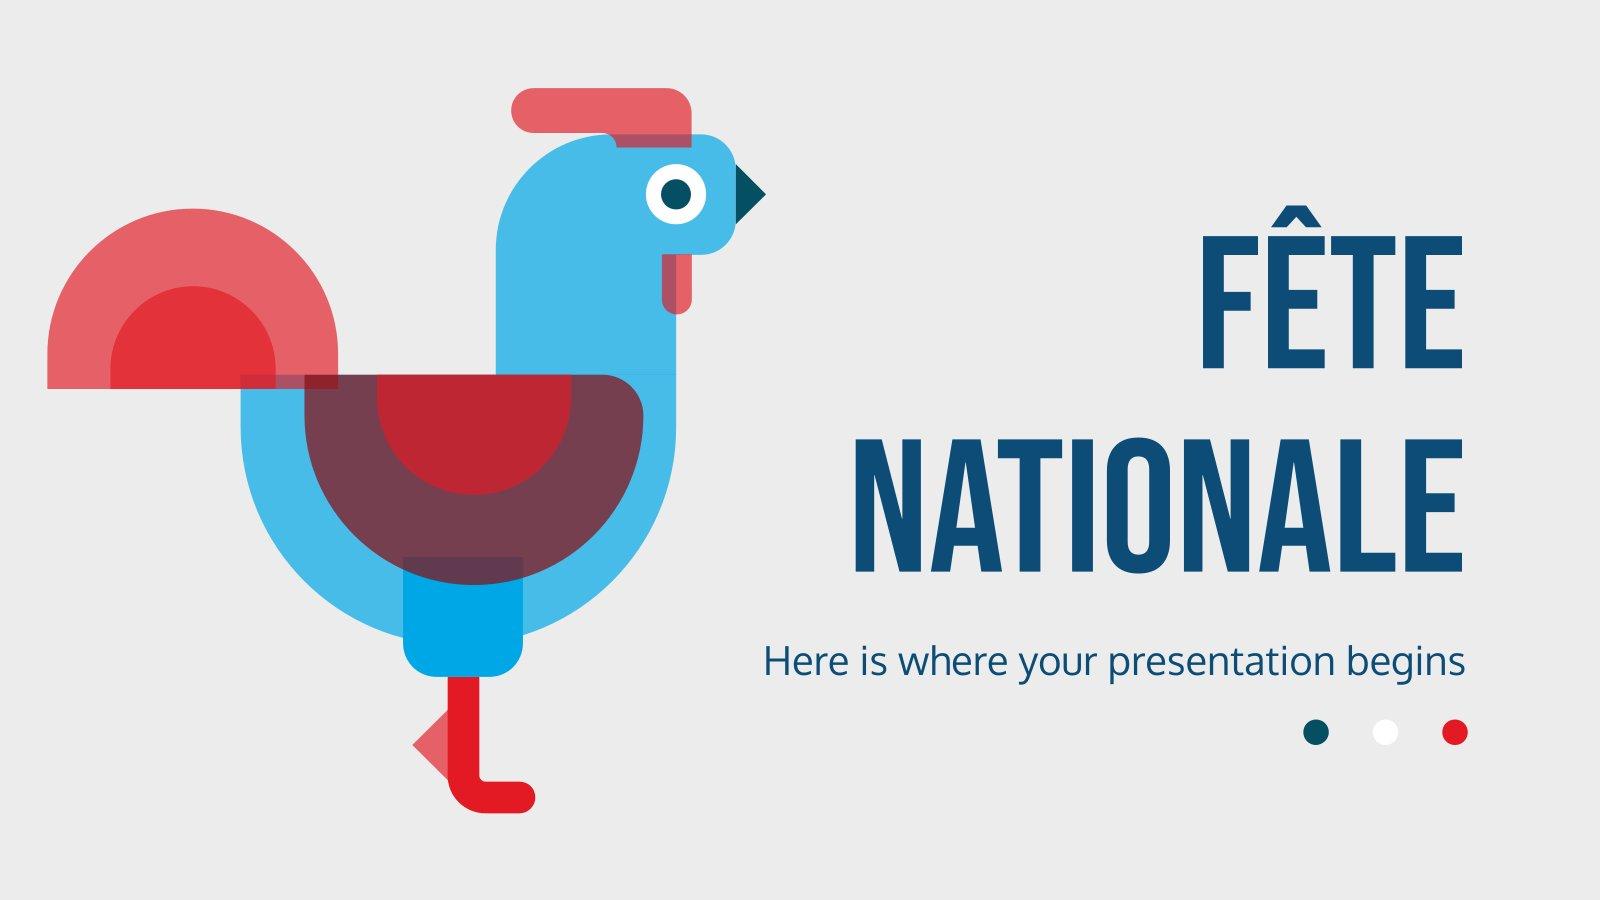 Modelo de apresentação Fête Nationale